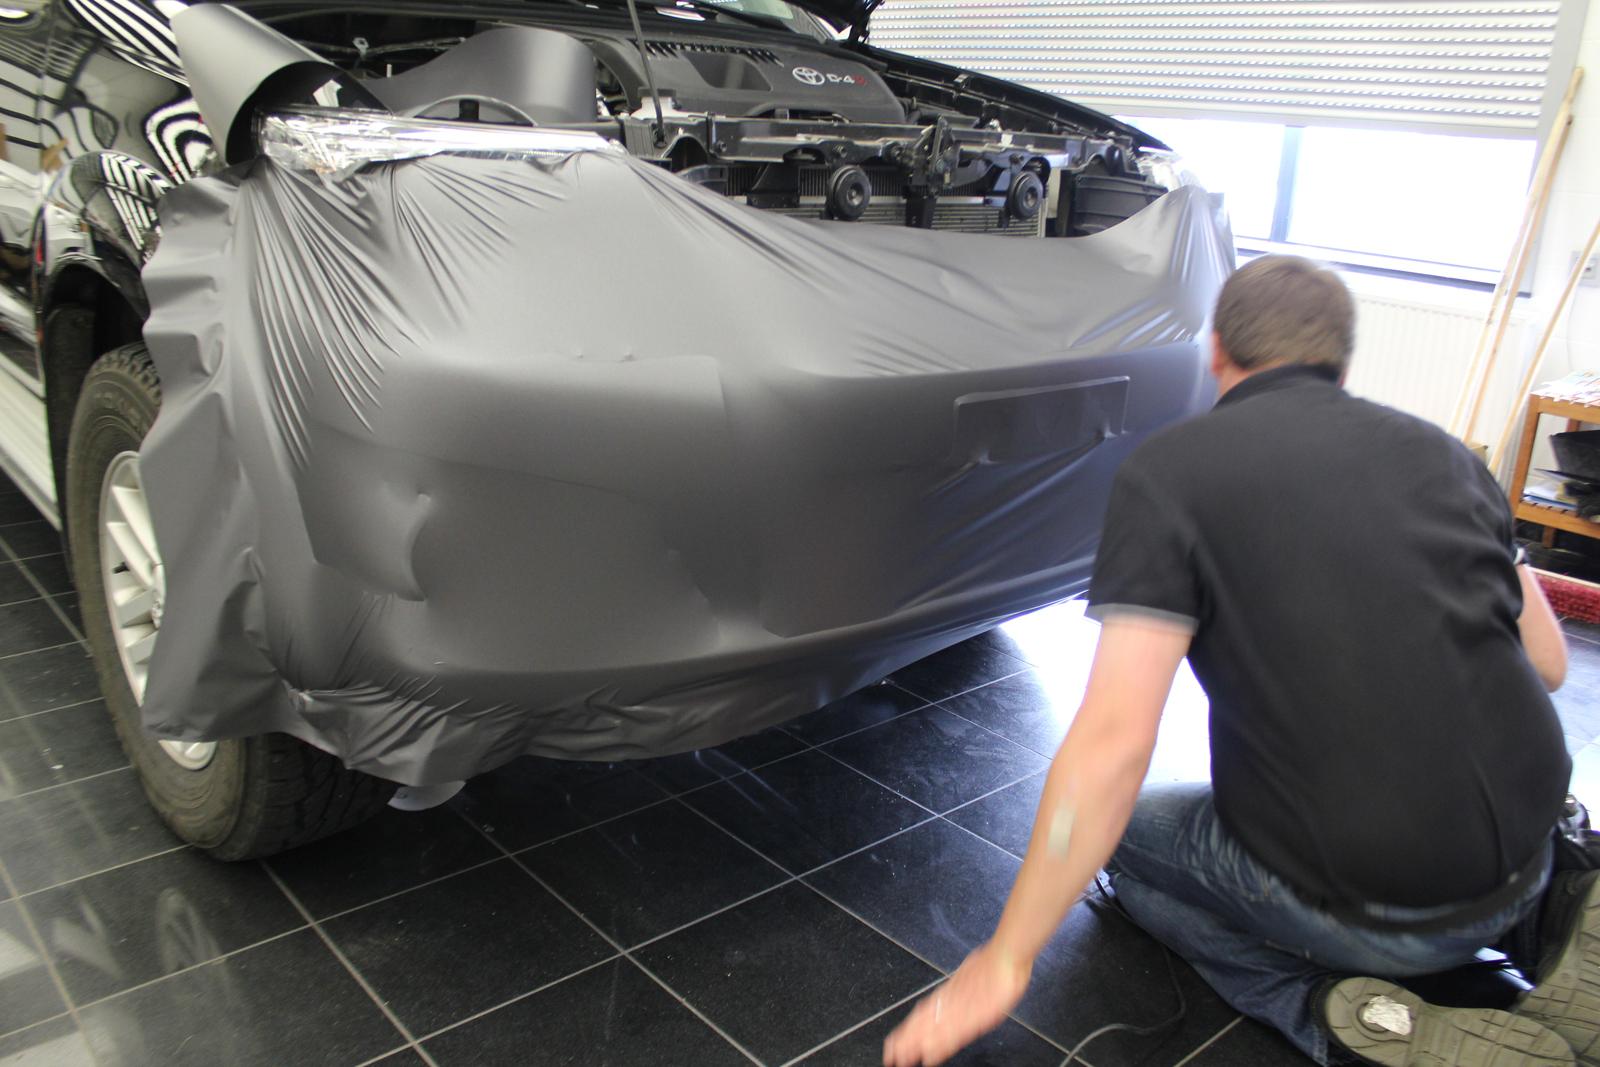 Beklebebung der Frontstoßstange eines Toyota Hilux mit Folie in anthrazit metallic matt